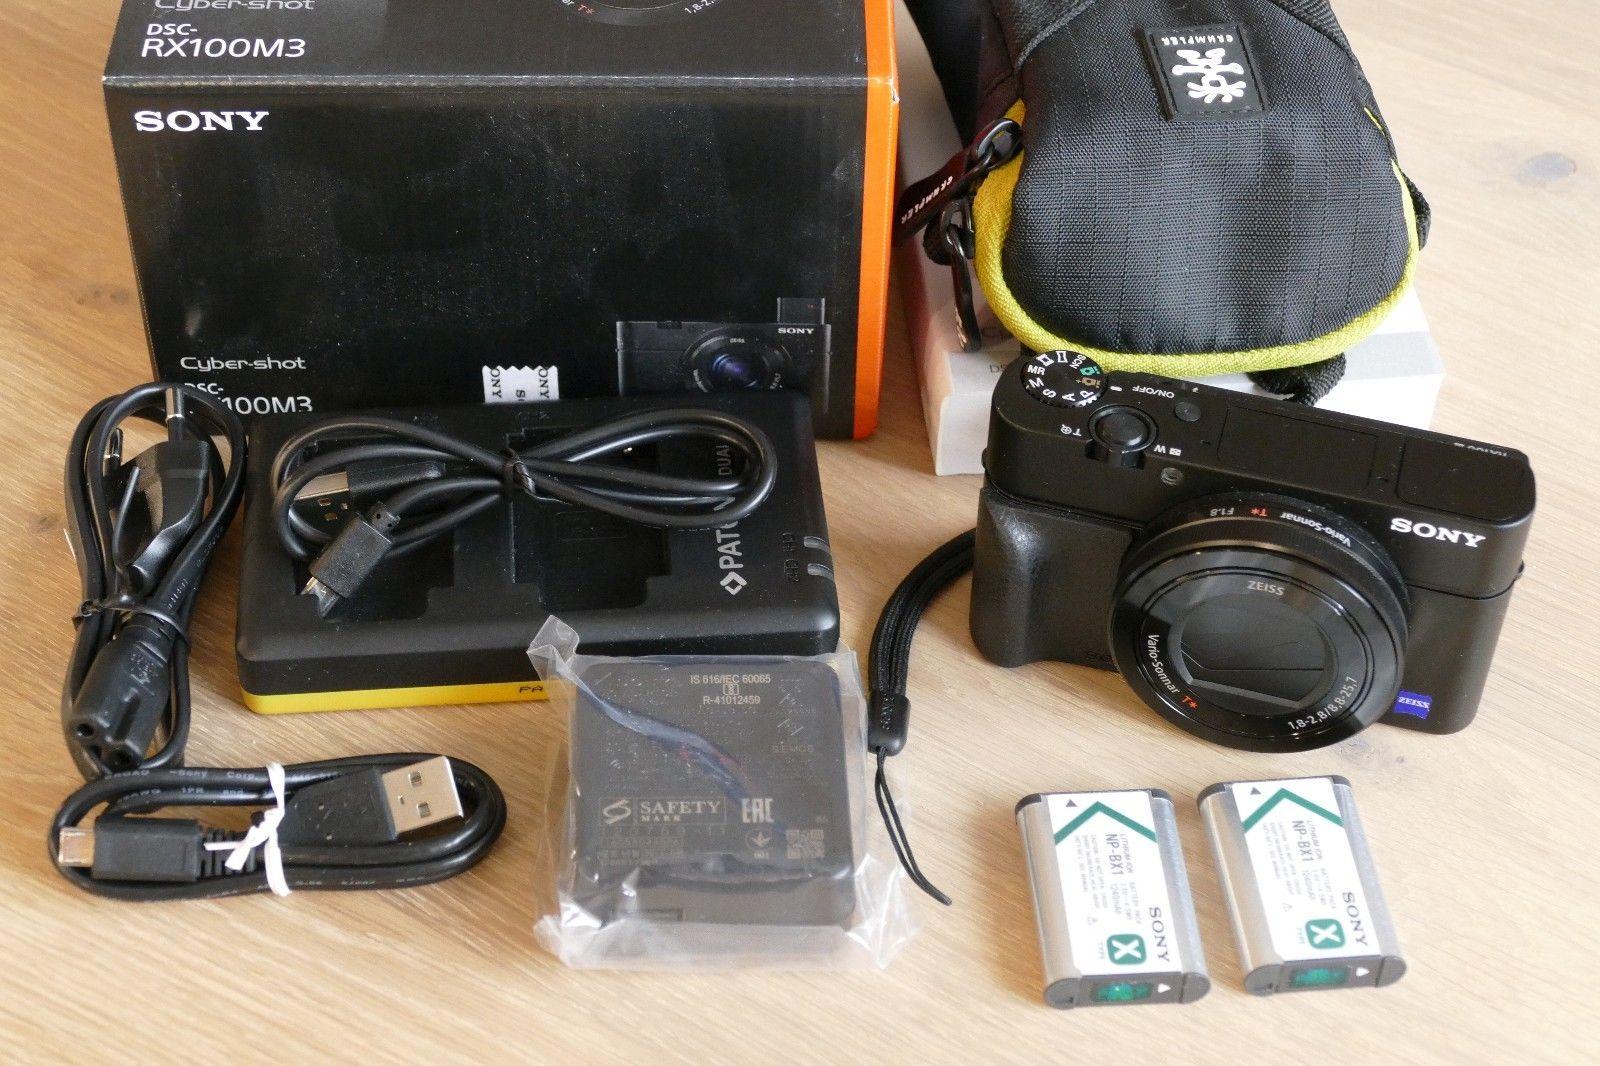 Sony Cyber-shot DSC-RX100 III 20.1 MP Digitalkamera - Schwarz